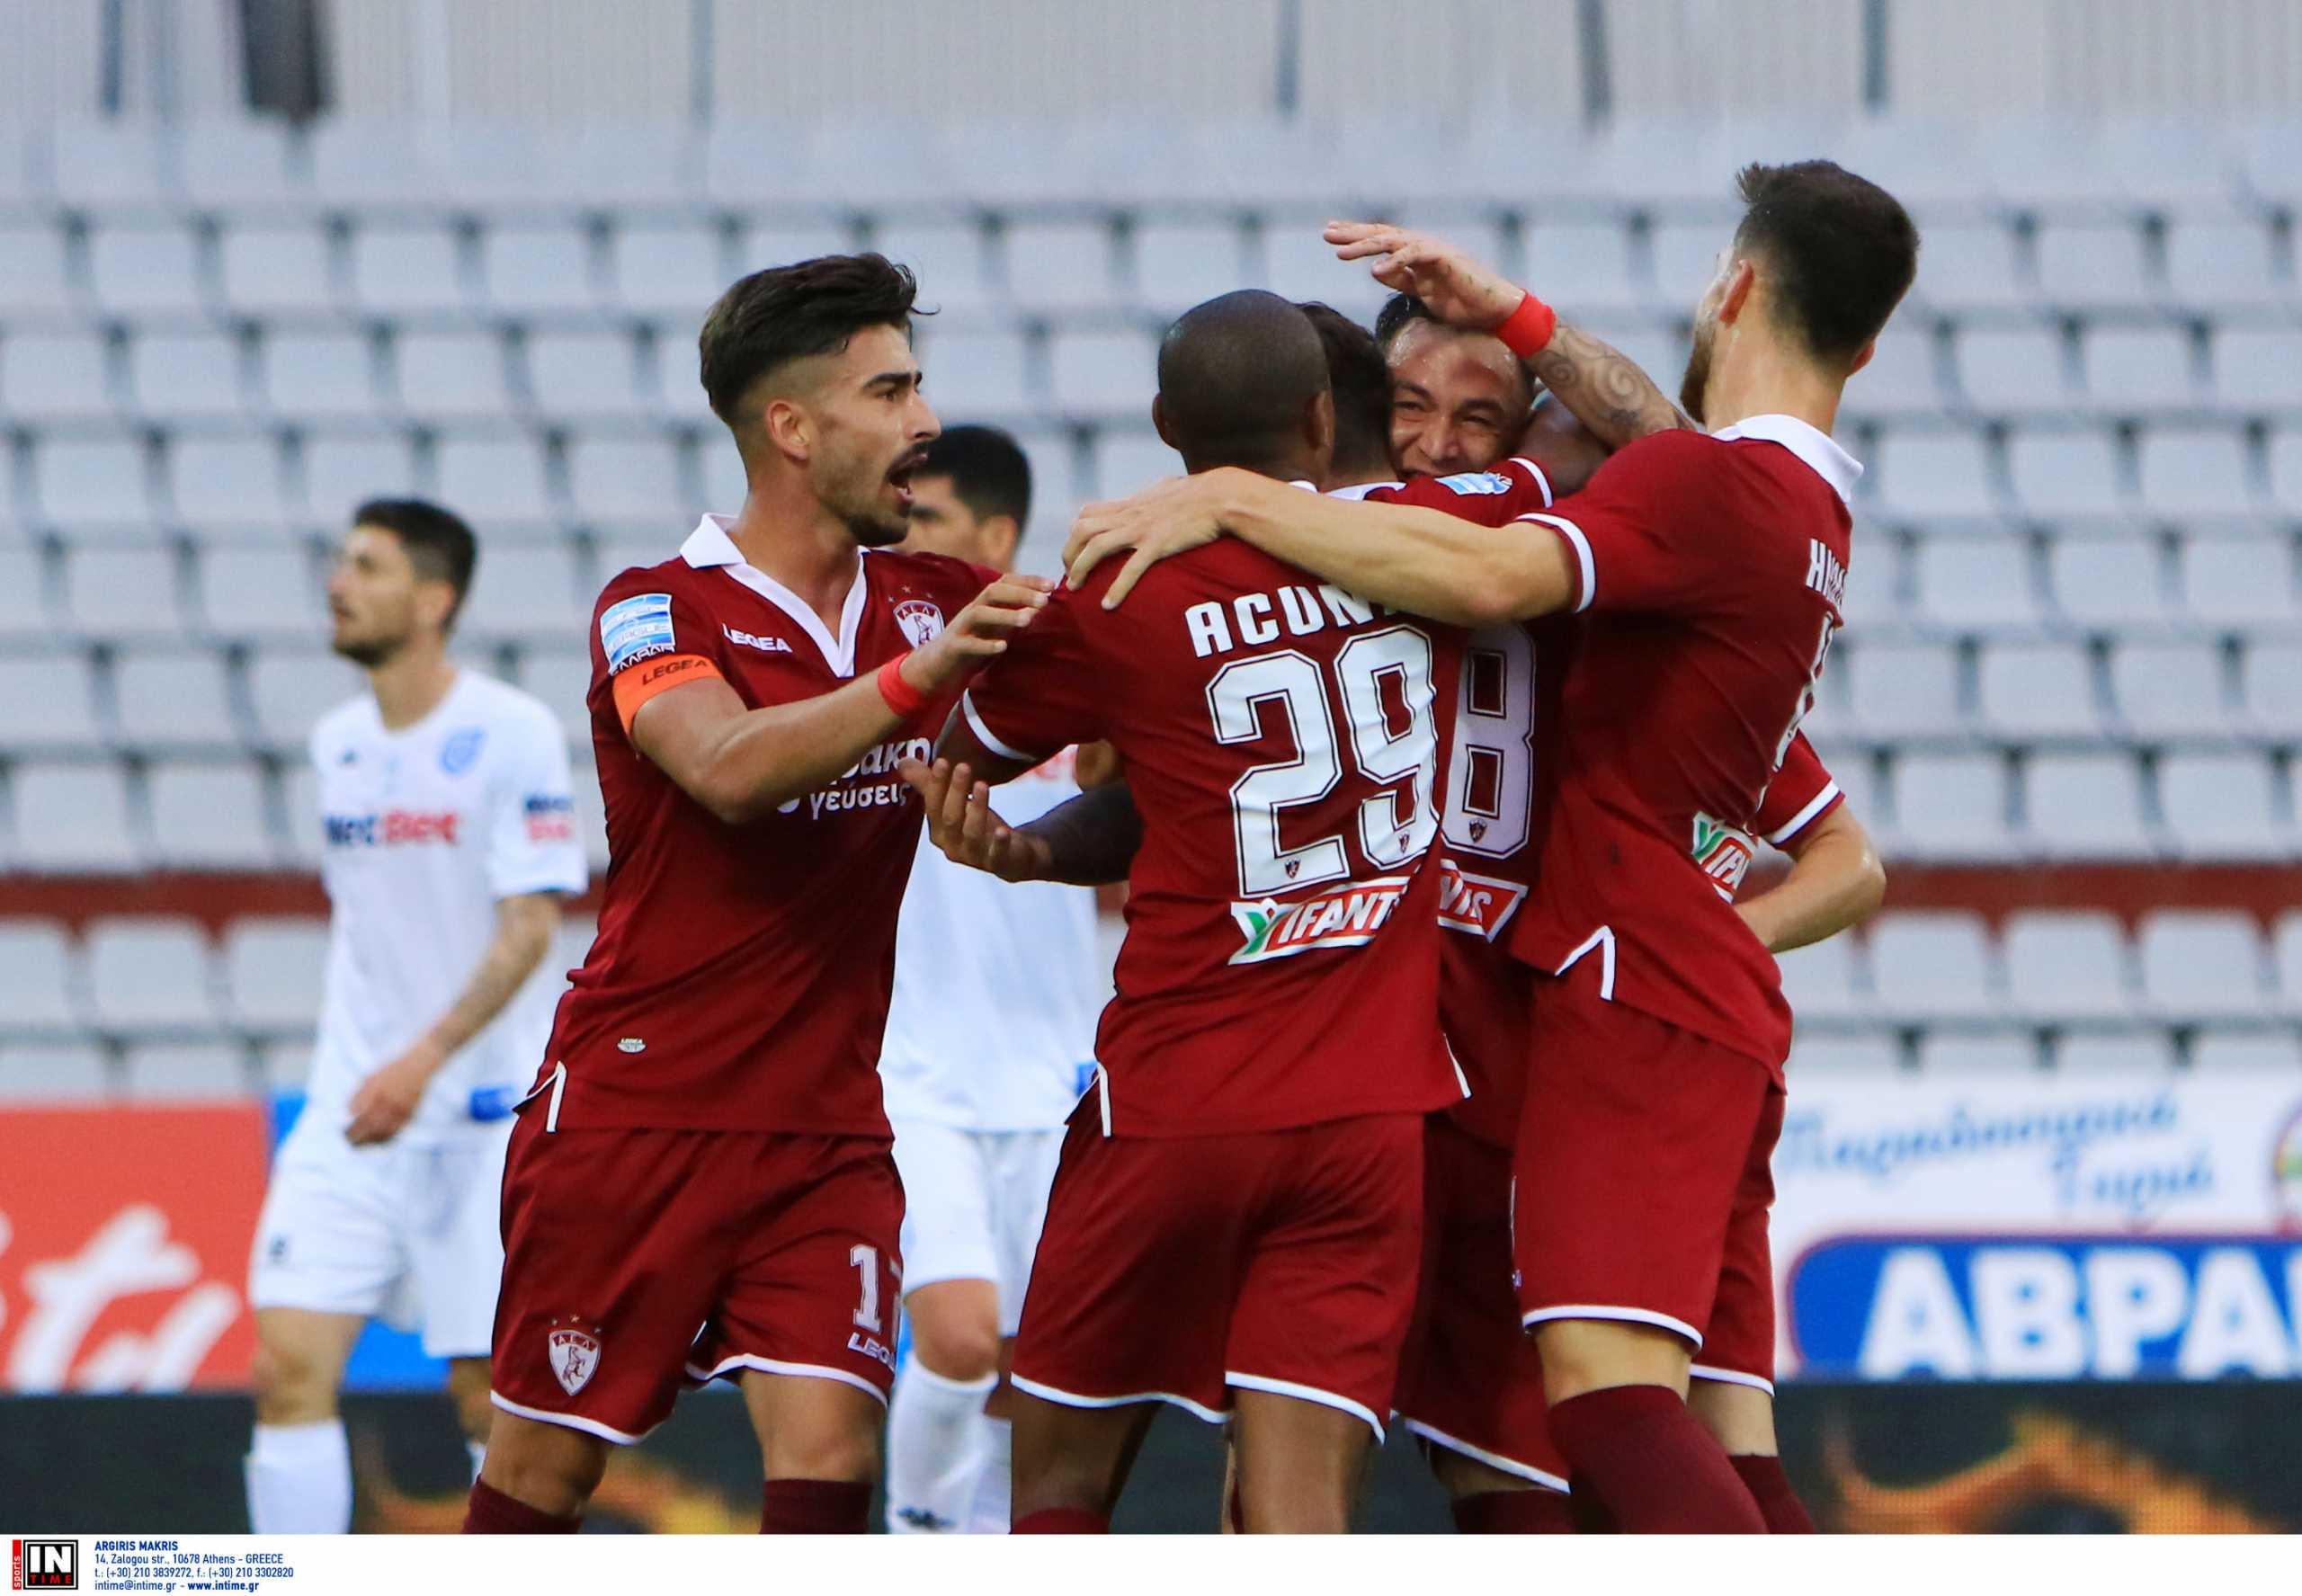 Superleague: Υποβιβάστηκε με νίκη η ΑΕΛ – Τα αποτελέσματα στο φινάλε των play out